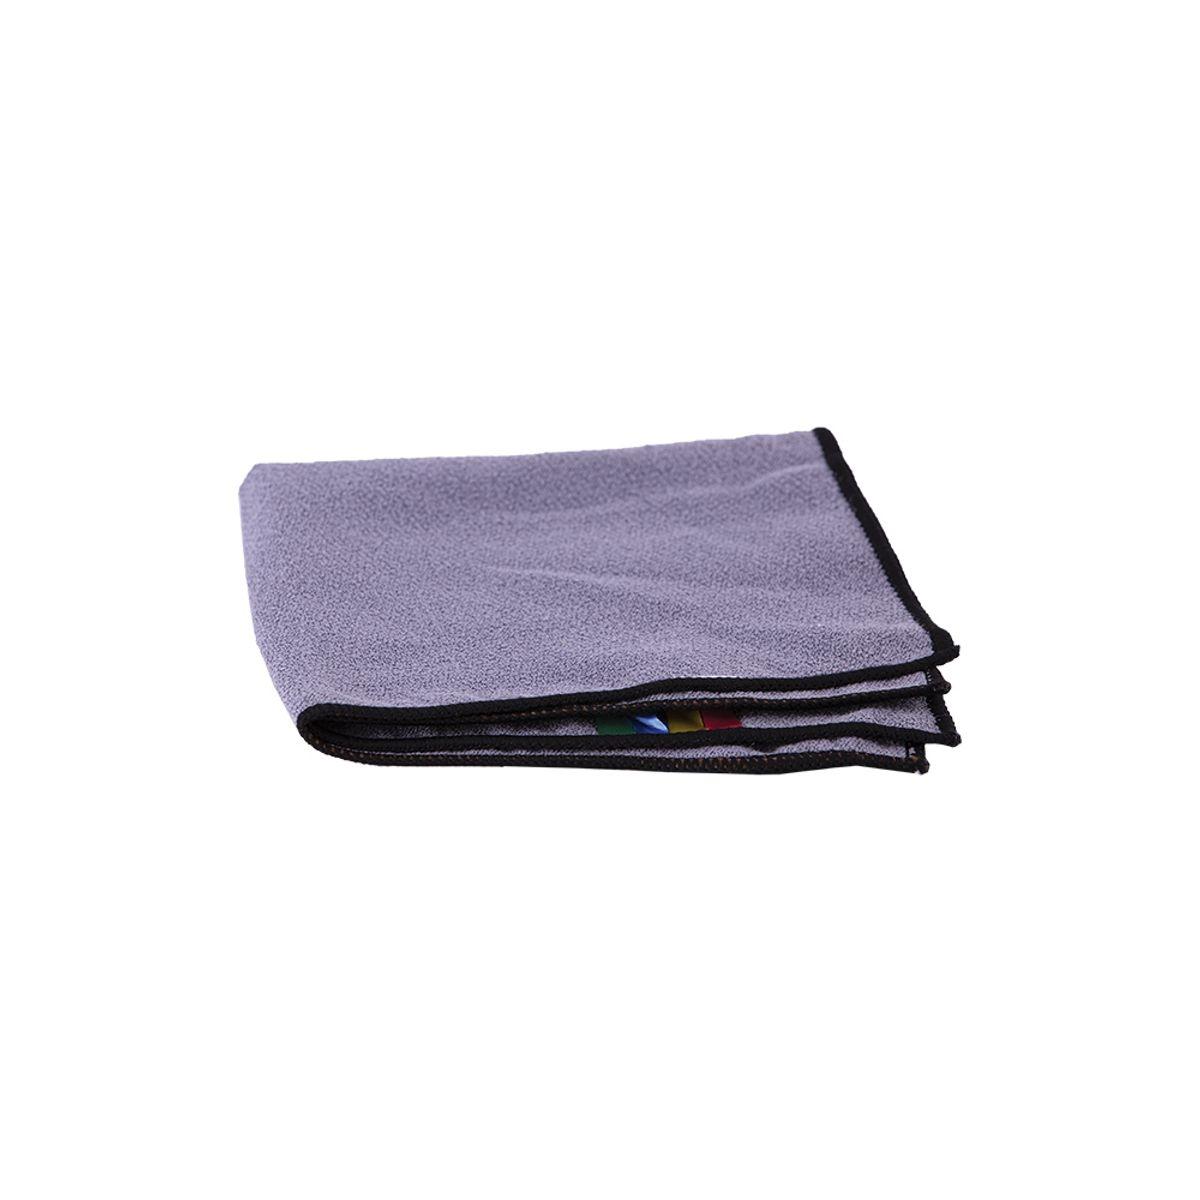 Novoclean Microfibre Cloth 5pcs